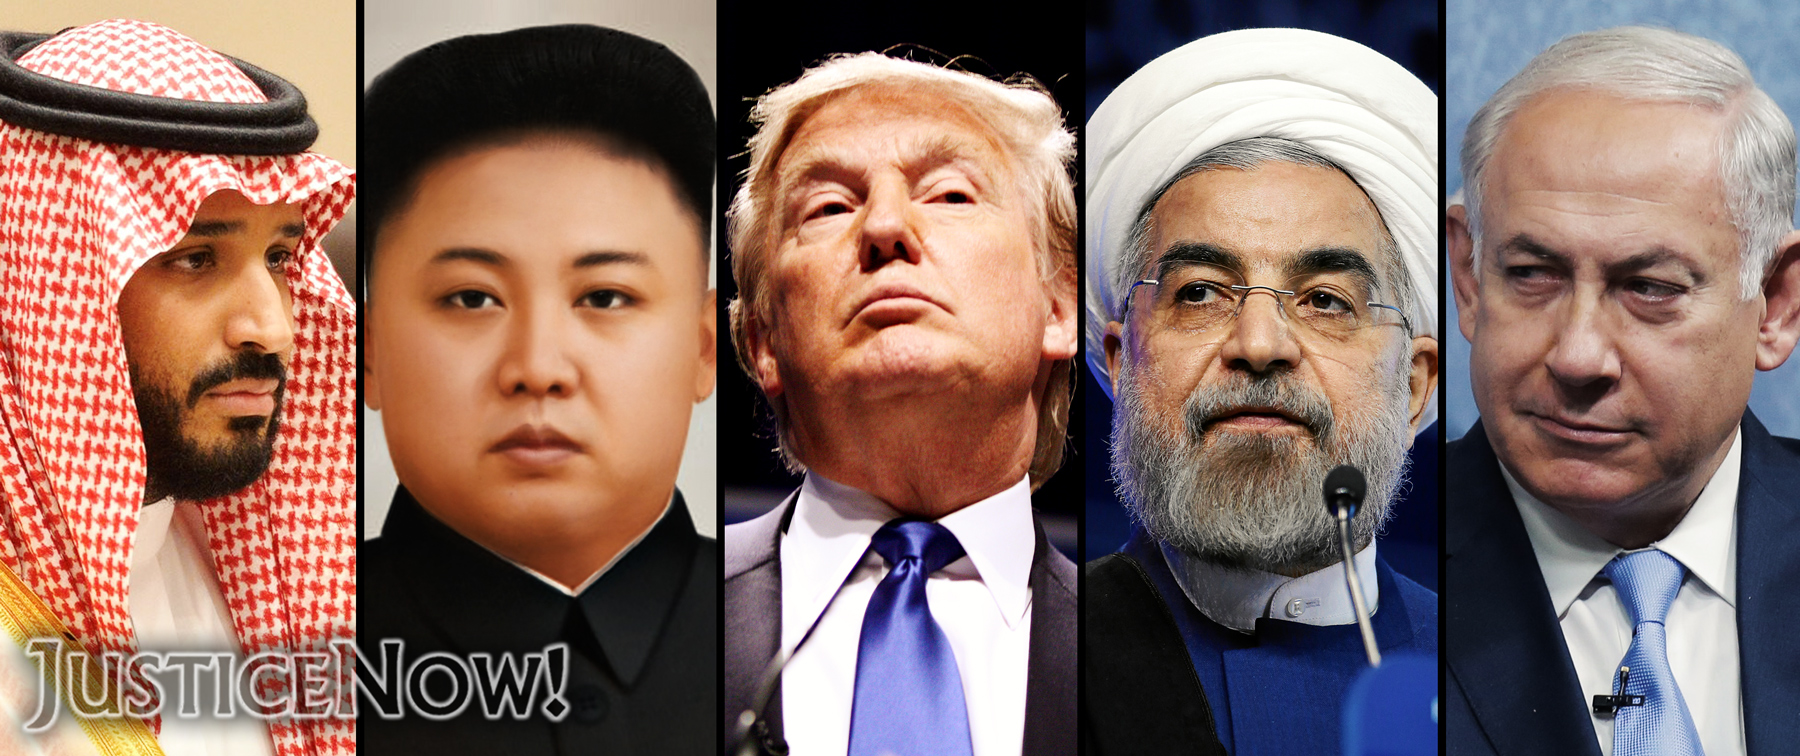 Iran ist nicht Nordkorea: Trumps Verbündete wollen Krieg statt Frieden